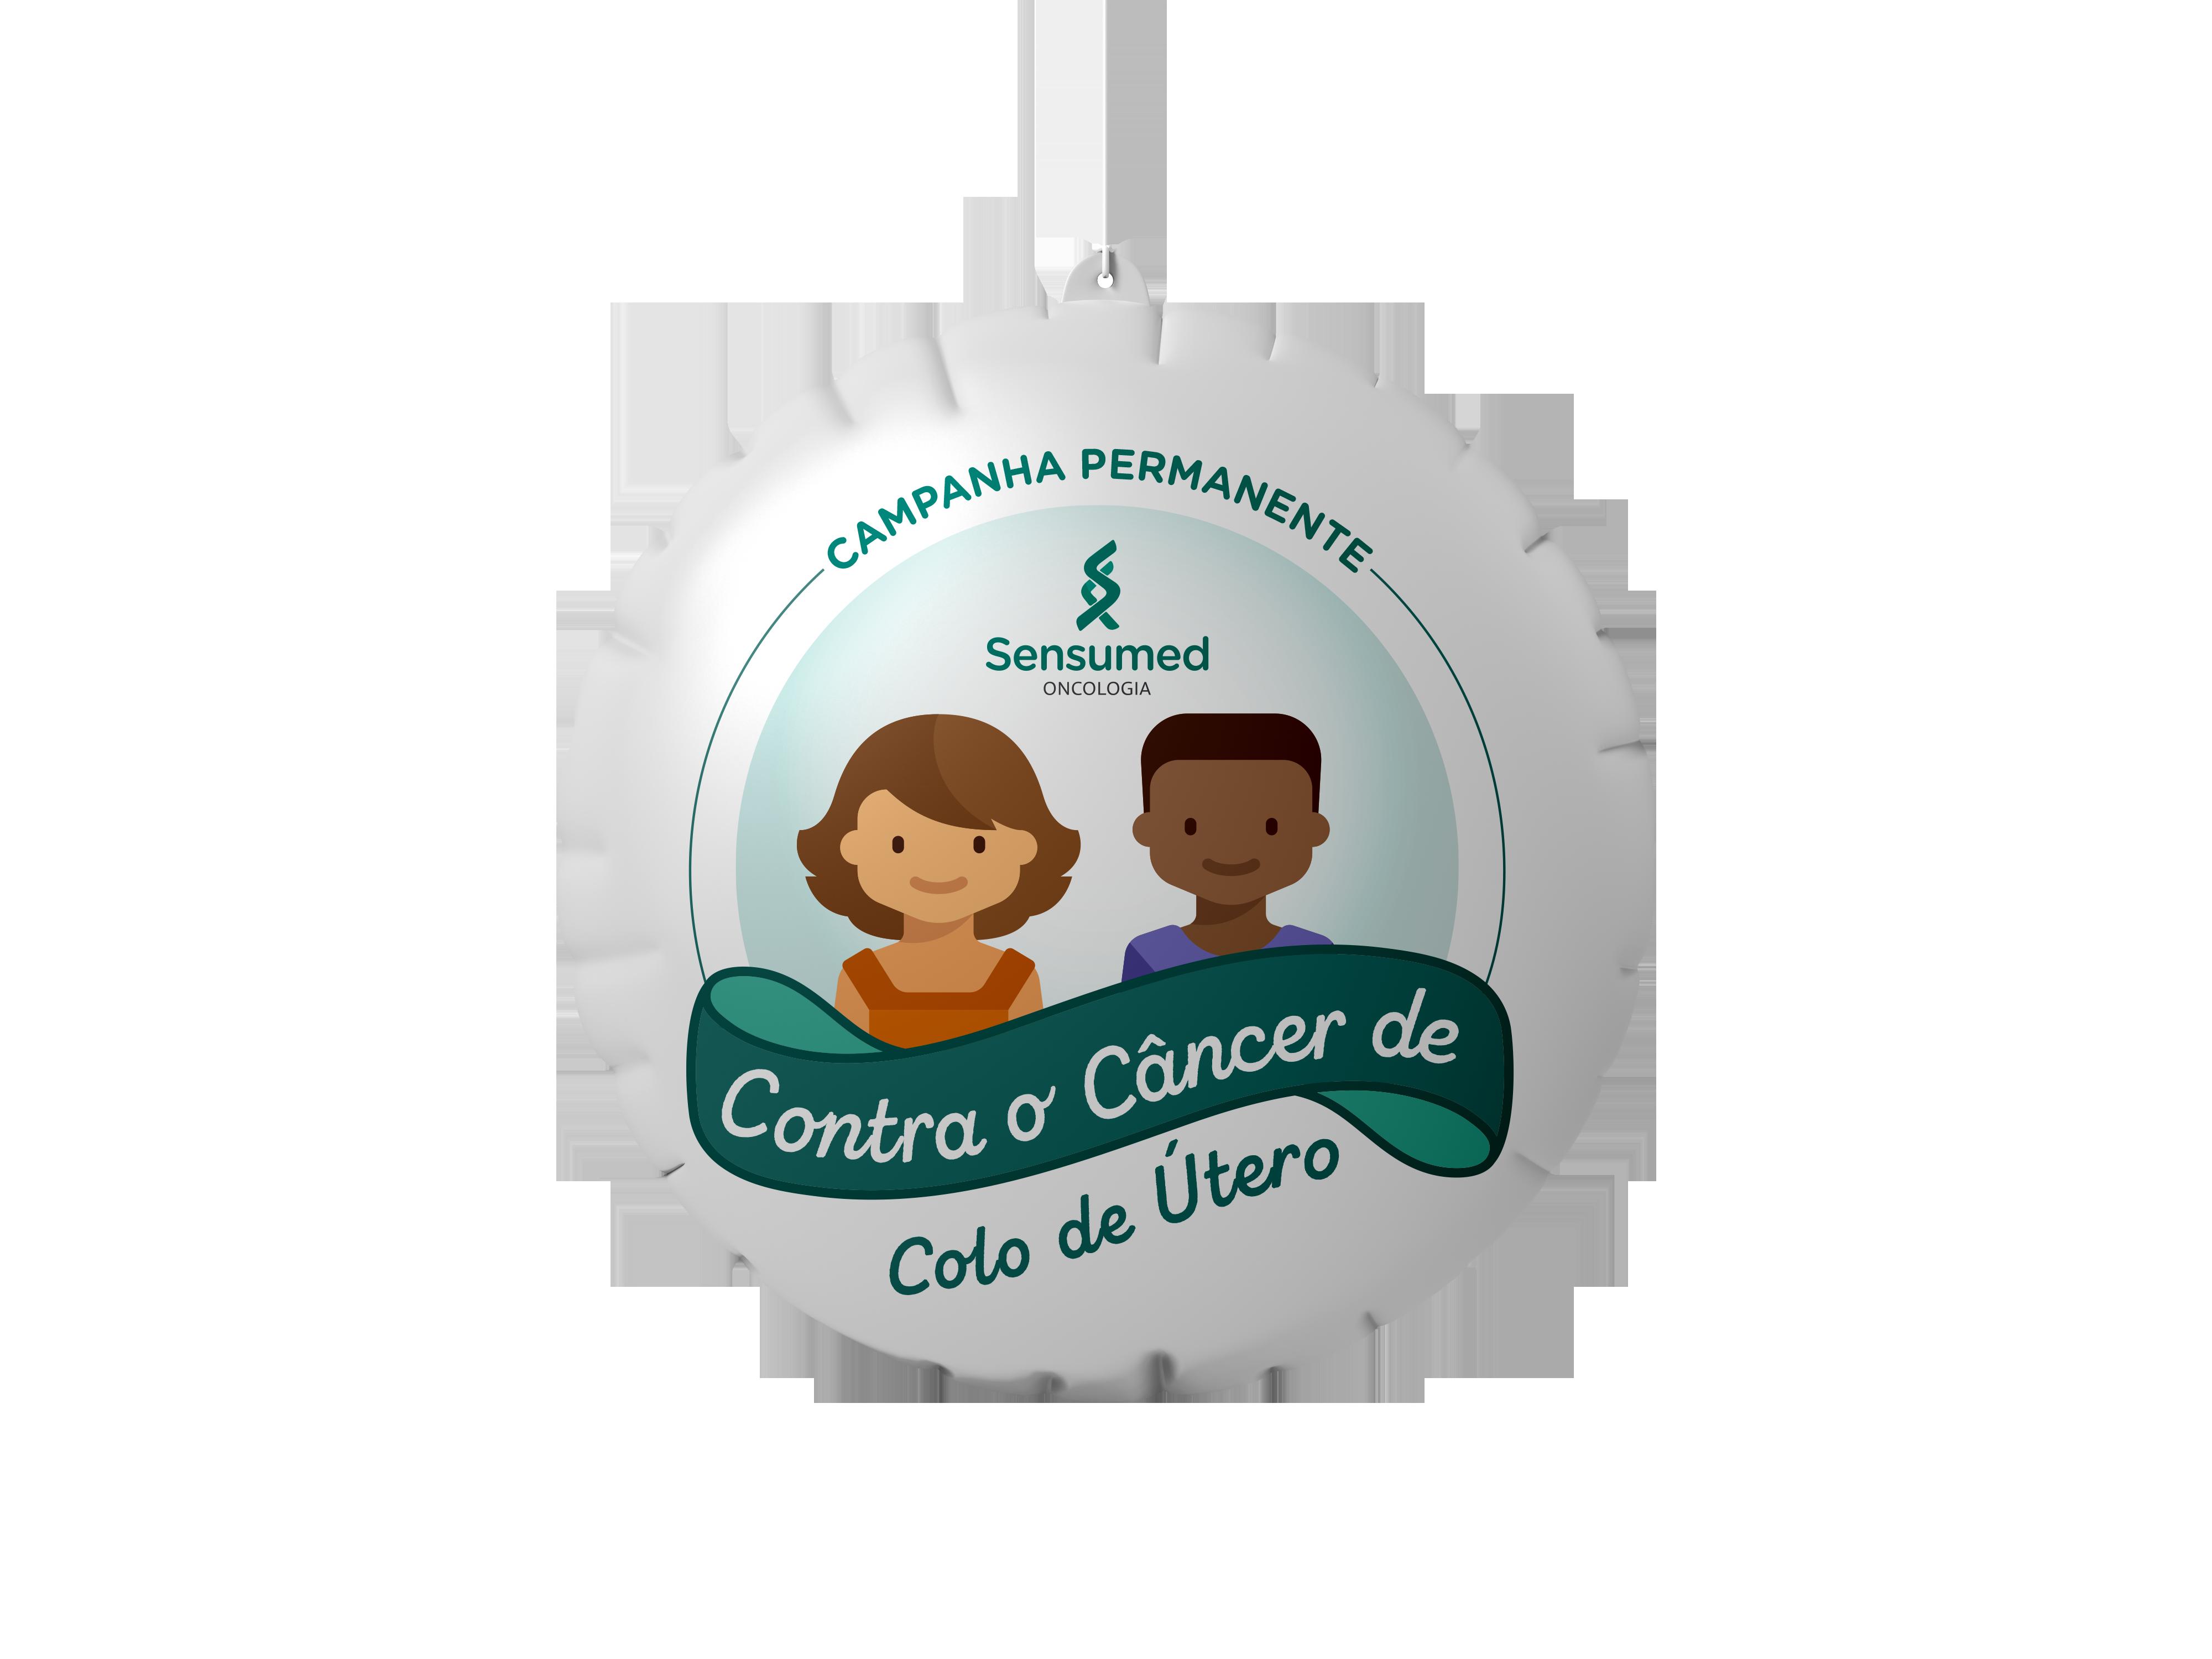 SENSUMED Oncologia lança Campanha Permanente de combate ao câncer de colo uterino no Amazonas